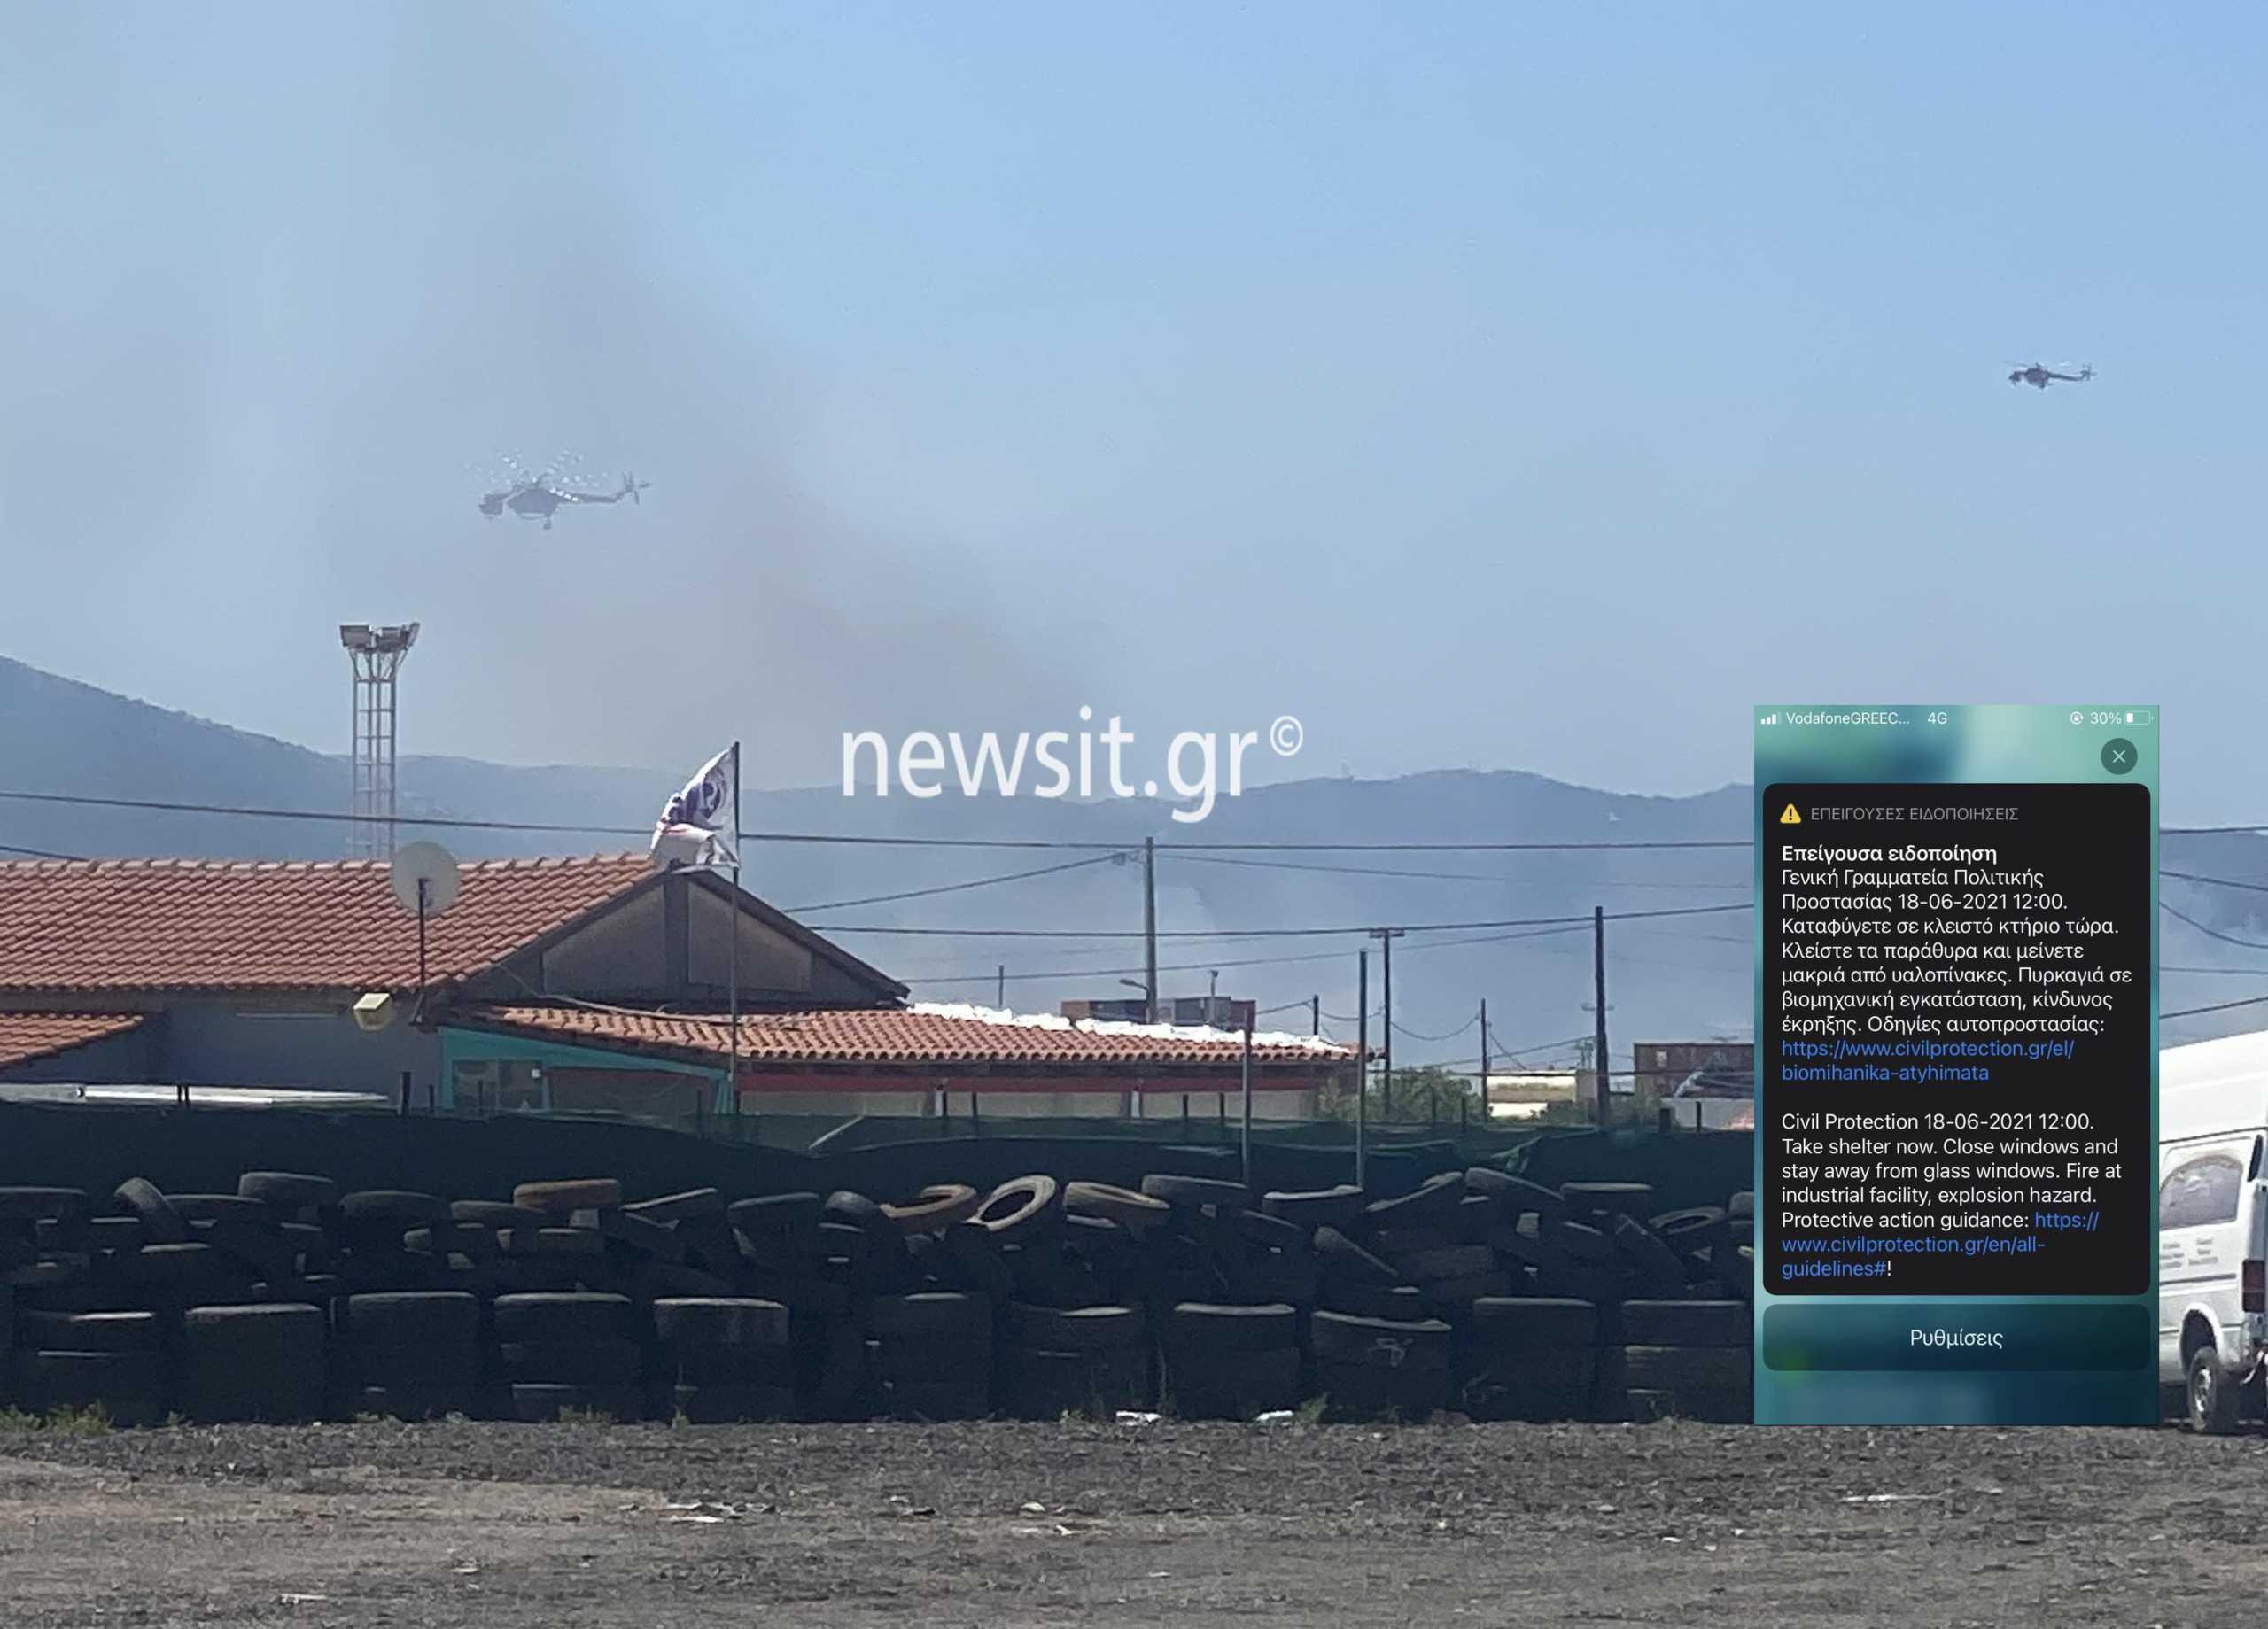 Φωτιά στον Ασπρόπυργο: Καλύτερη εικόνα – Λαχτάρησαν οι κάτοικοι από το βυτιοφόρο με το προπάνιο